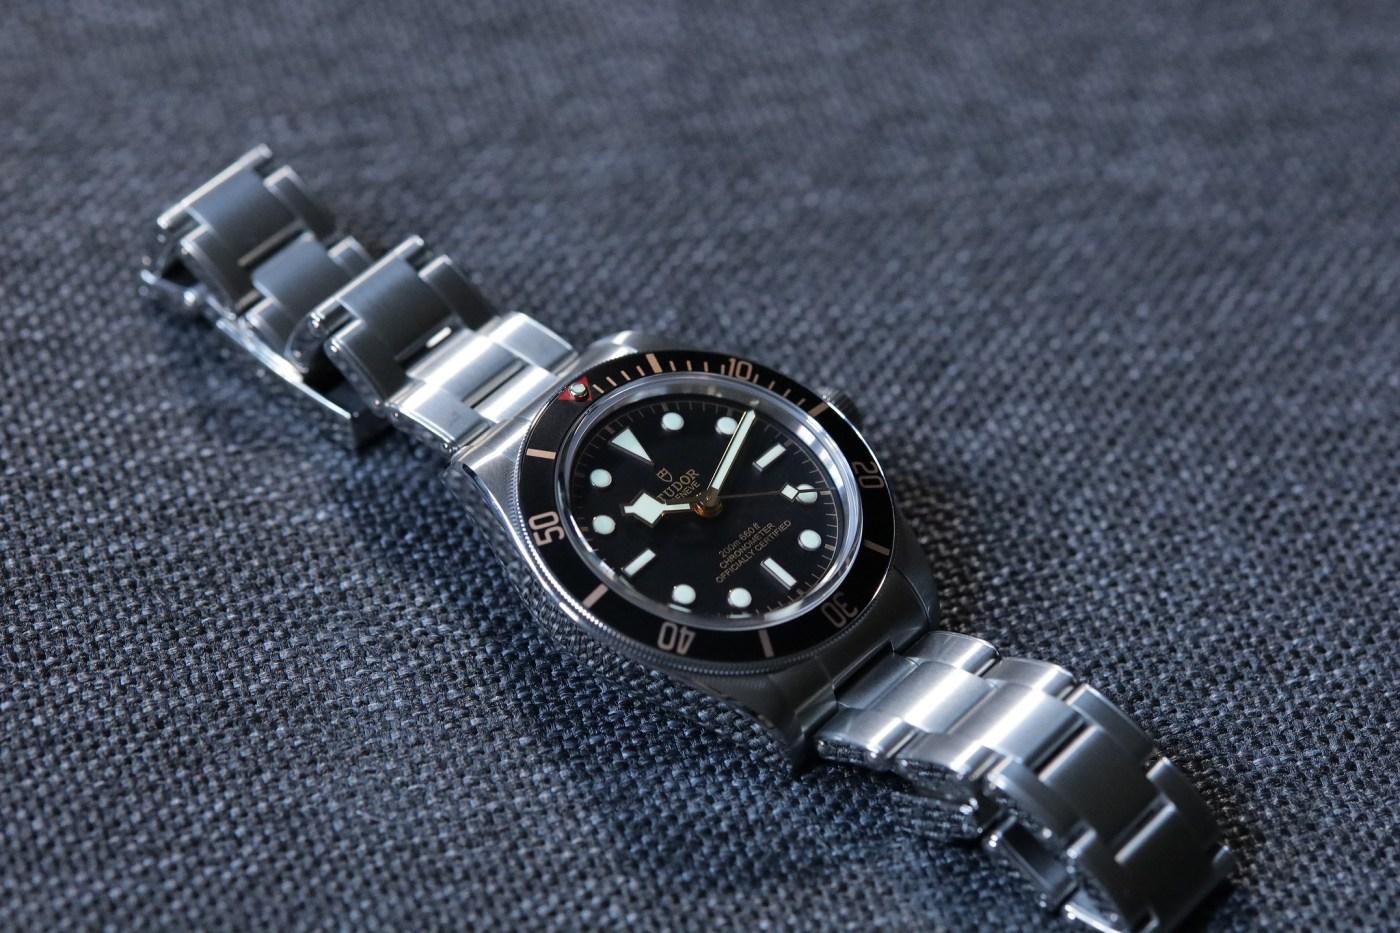 Black Bay 58 polished case and bracelet flanks